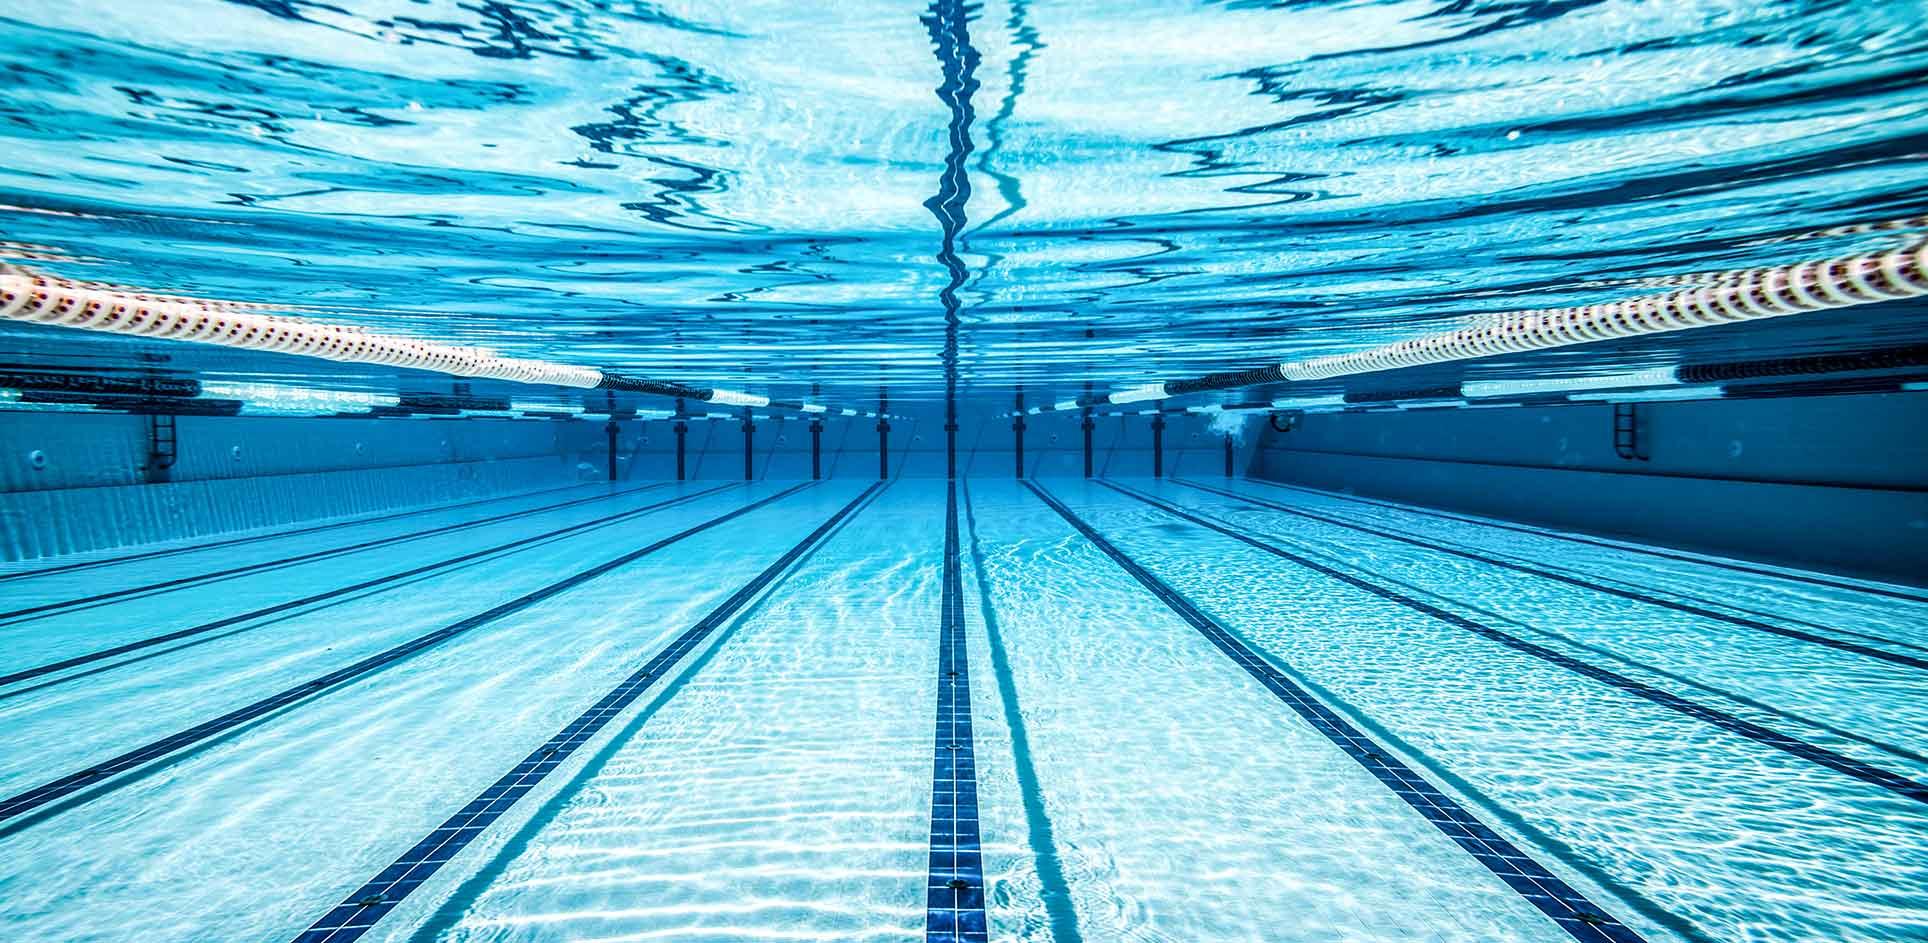 Underwater view of empty pool